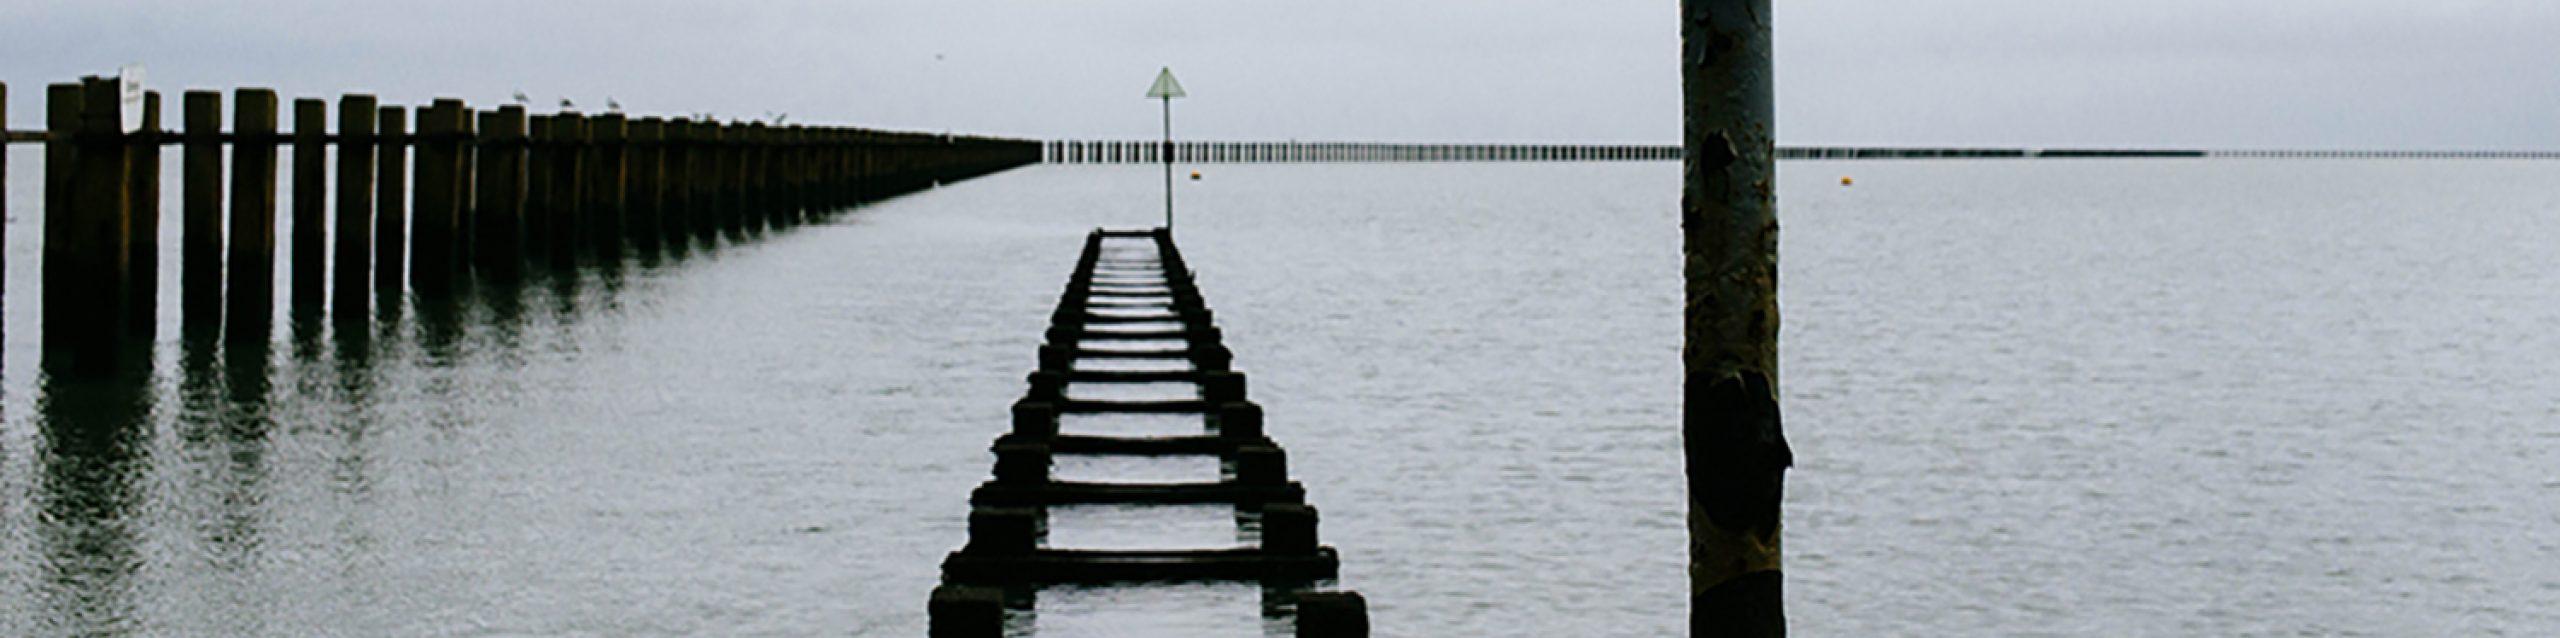 cropped-peer-to-pier-6.jpg